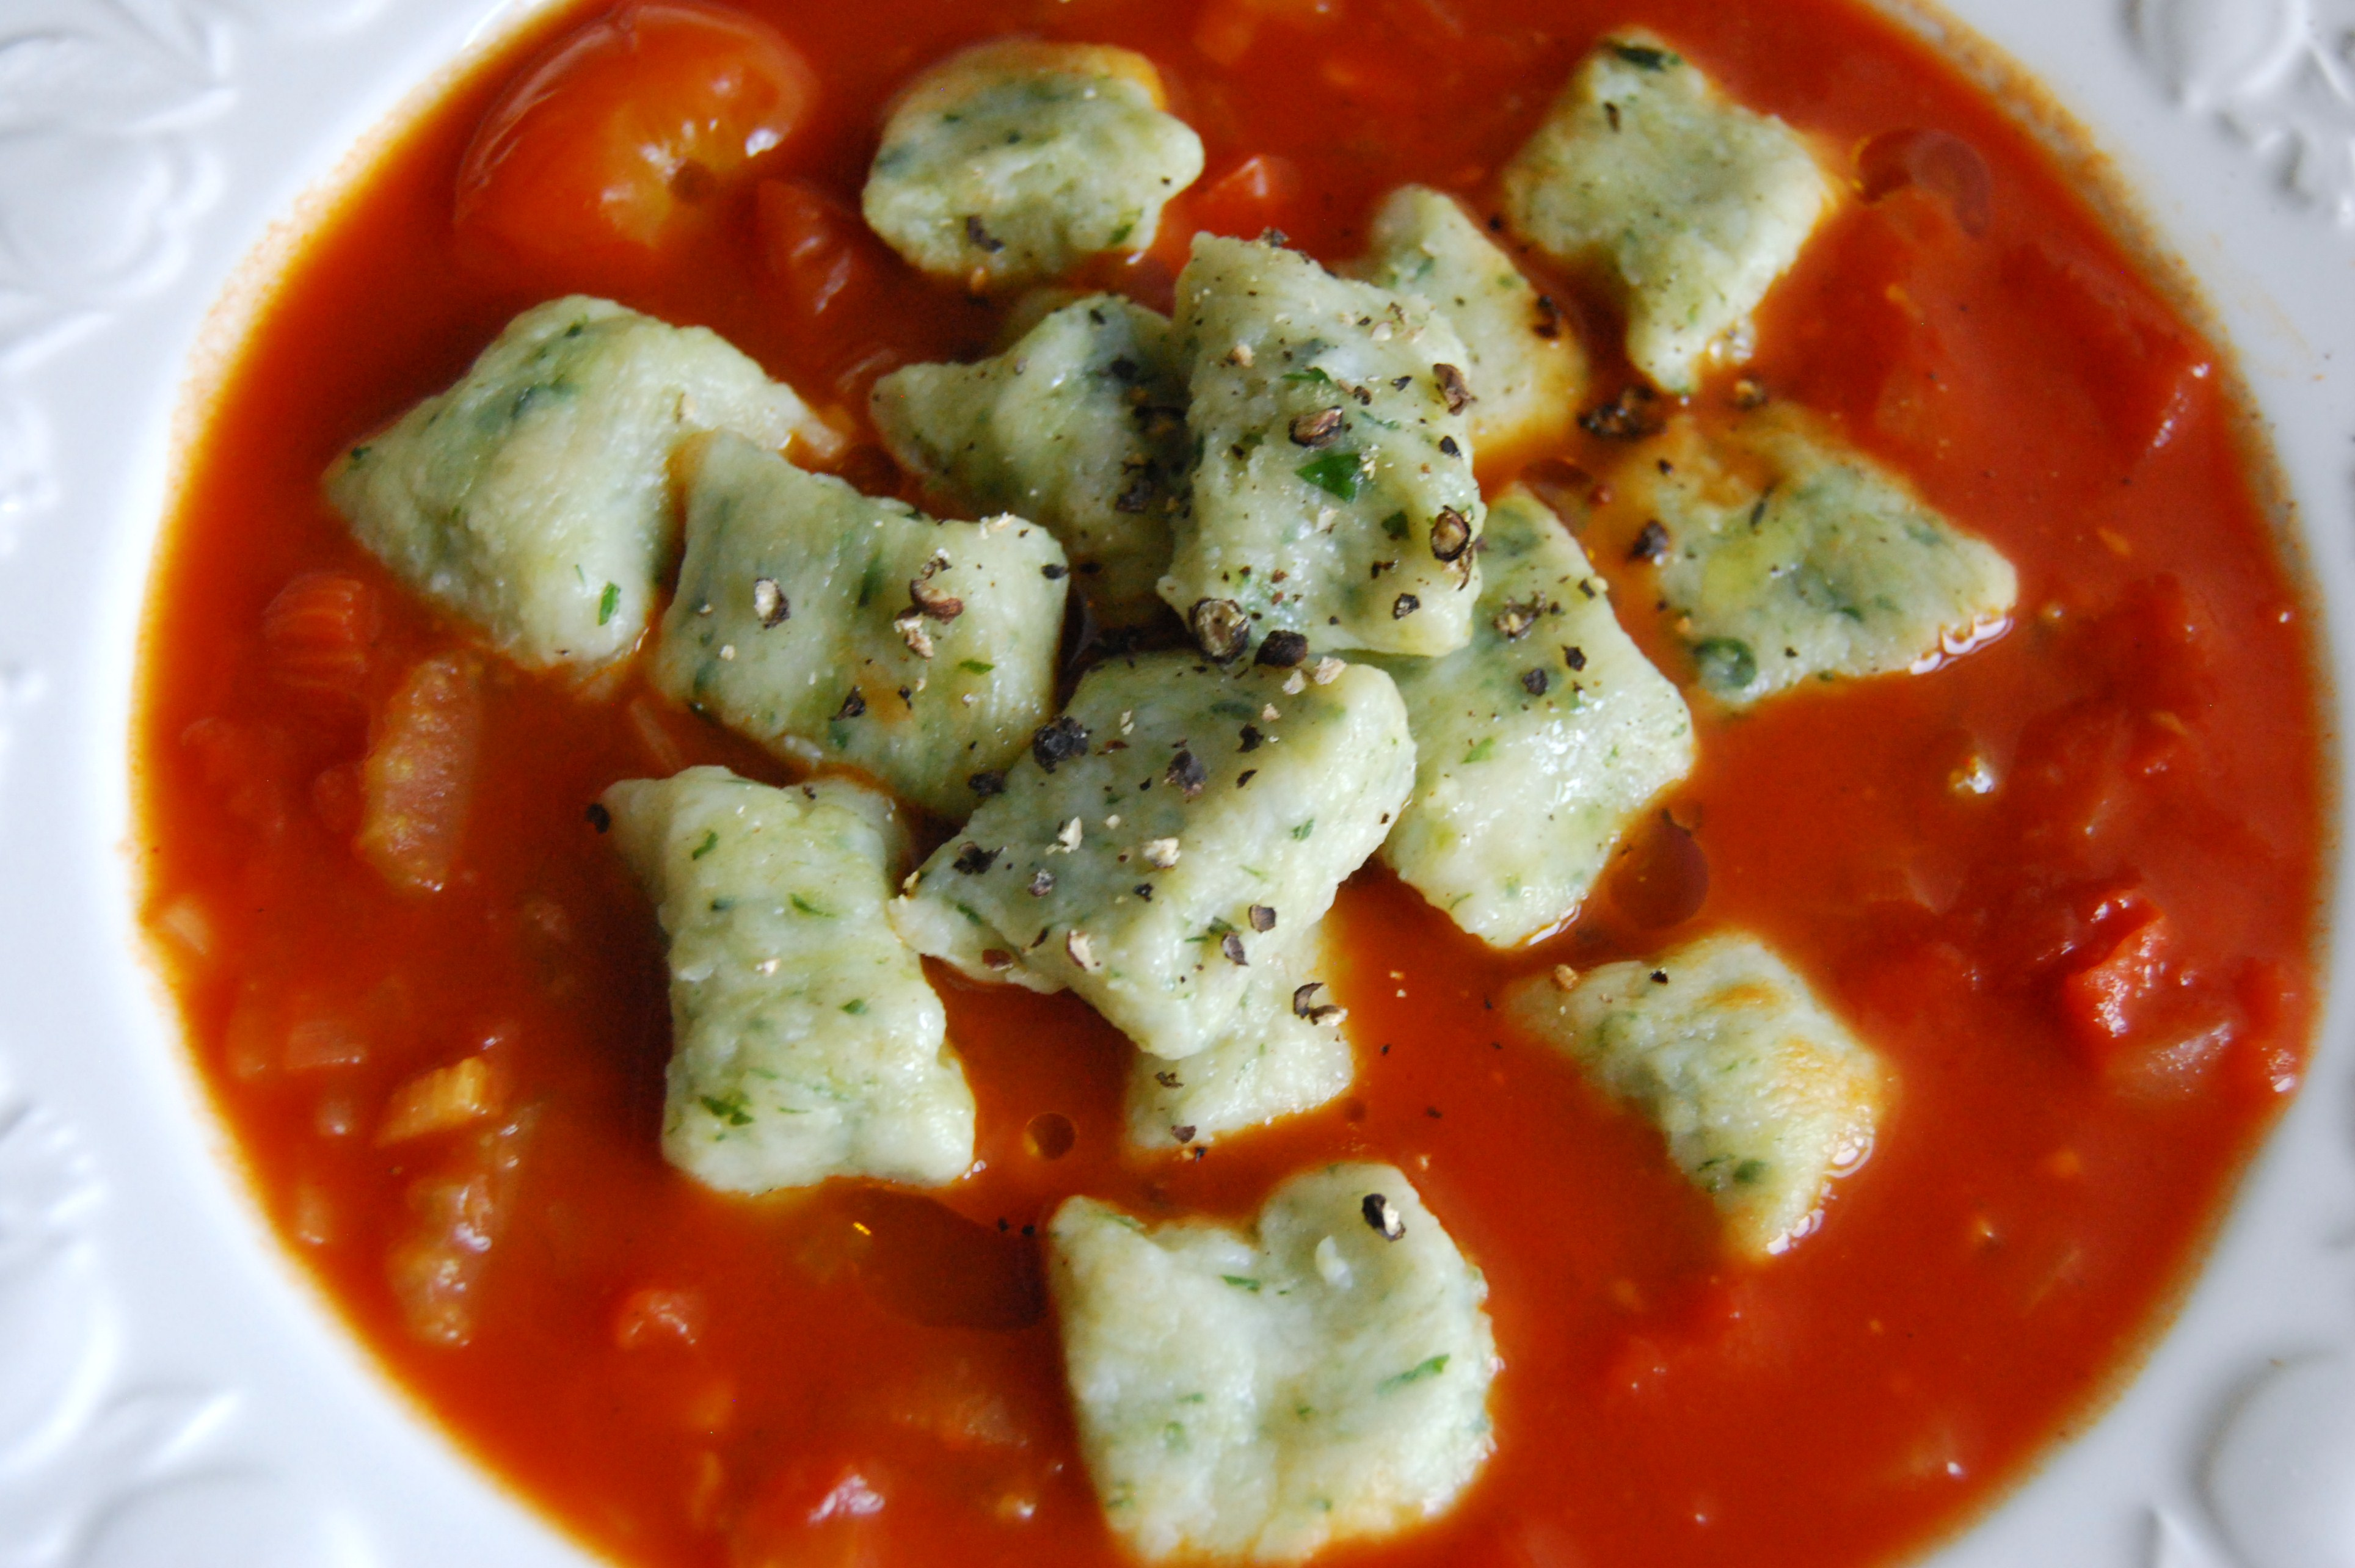 Tomato Soup with Basil Gnocchi Dumplings